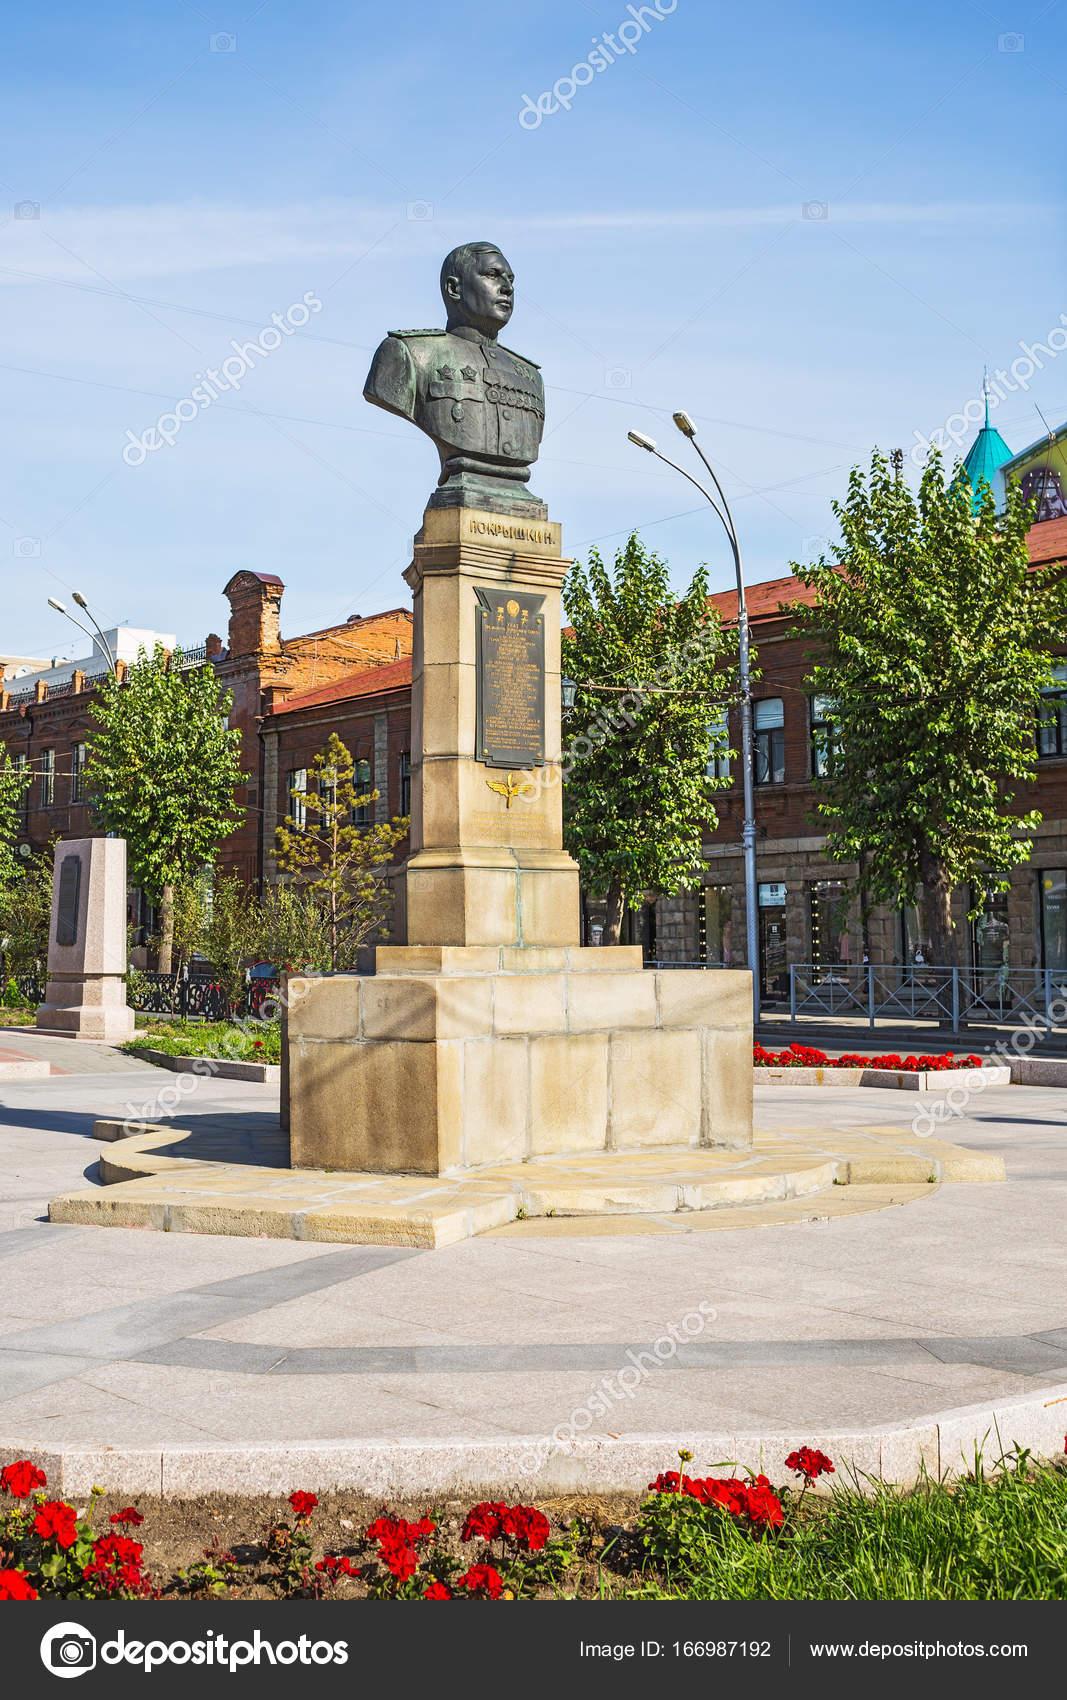 Где можно заказать памятник в волгограденовосибирске памятники из гранита баян